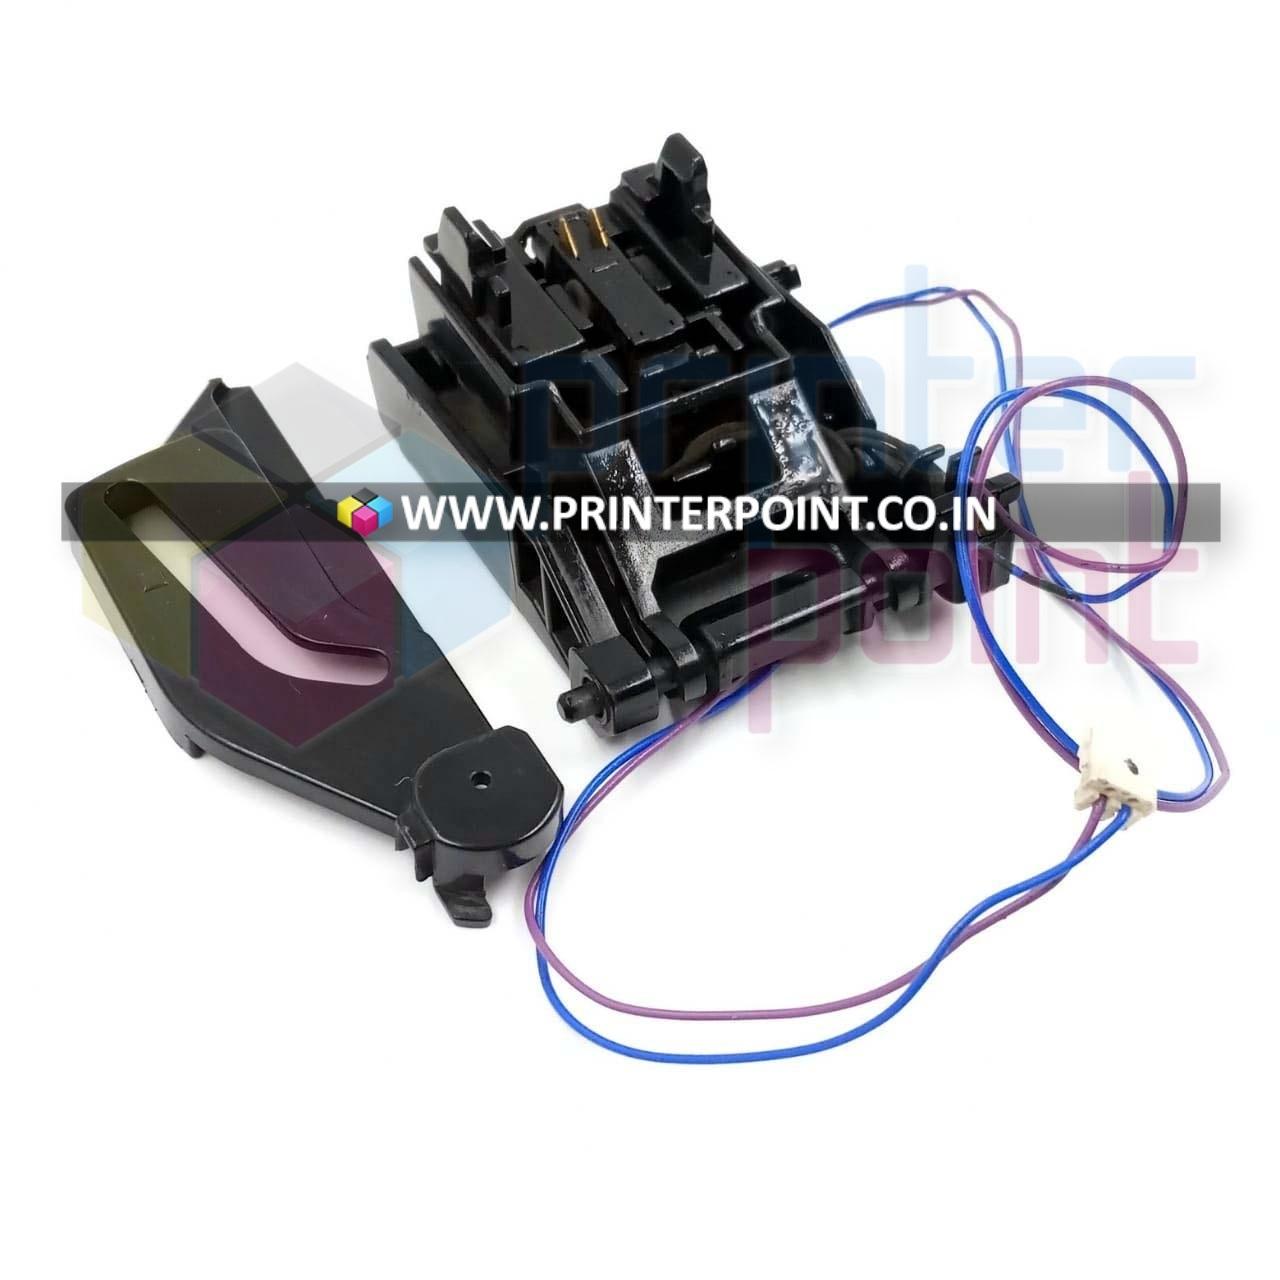 Toner Chip Sensor For HP Laserjet Pro P1007 P1102 M1132